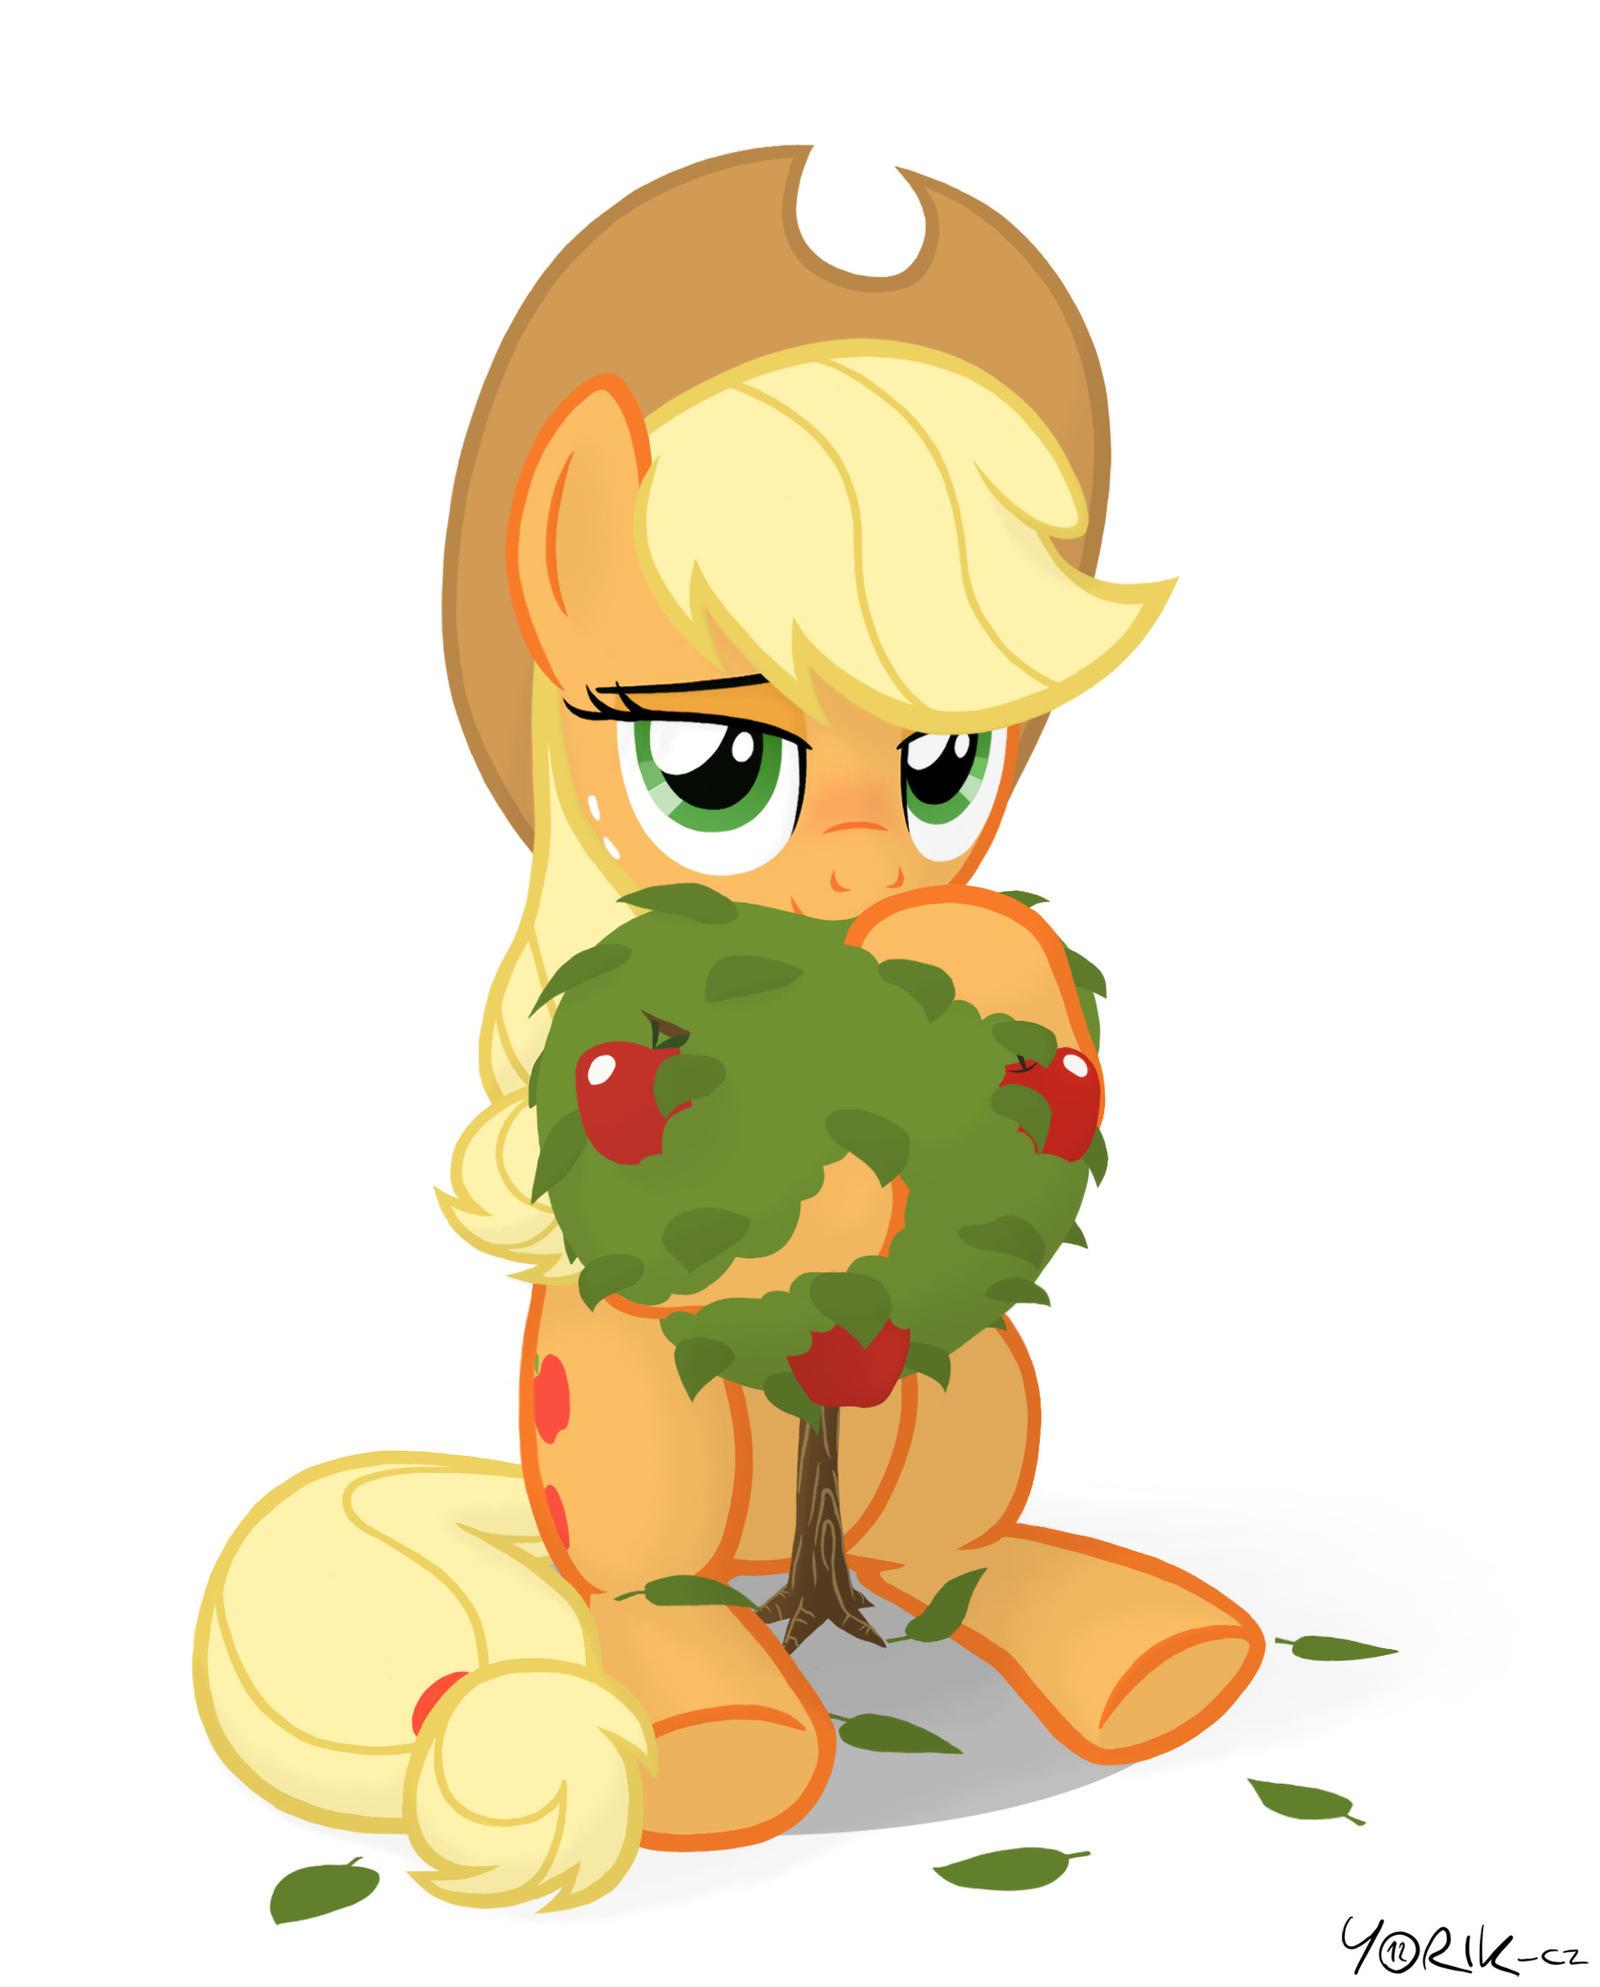 Apple-Tree-Jack by yorik-CZ